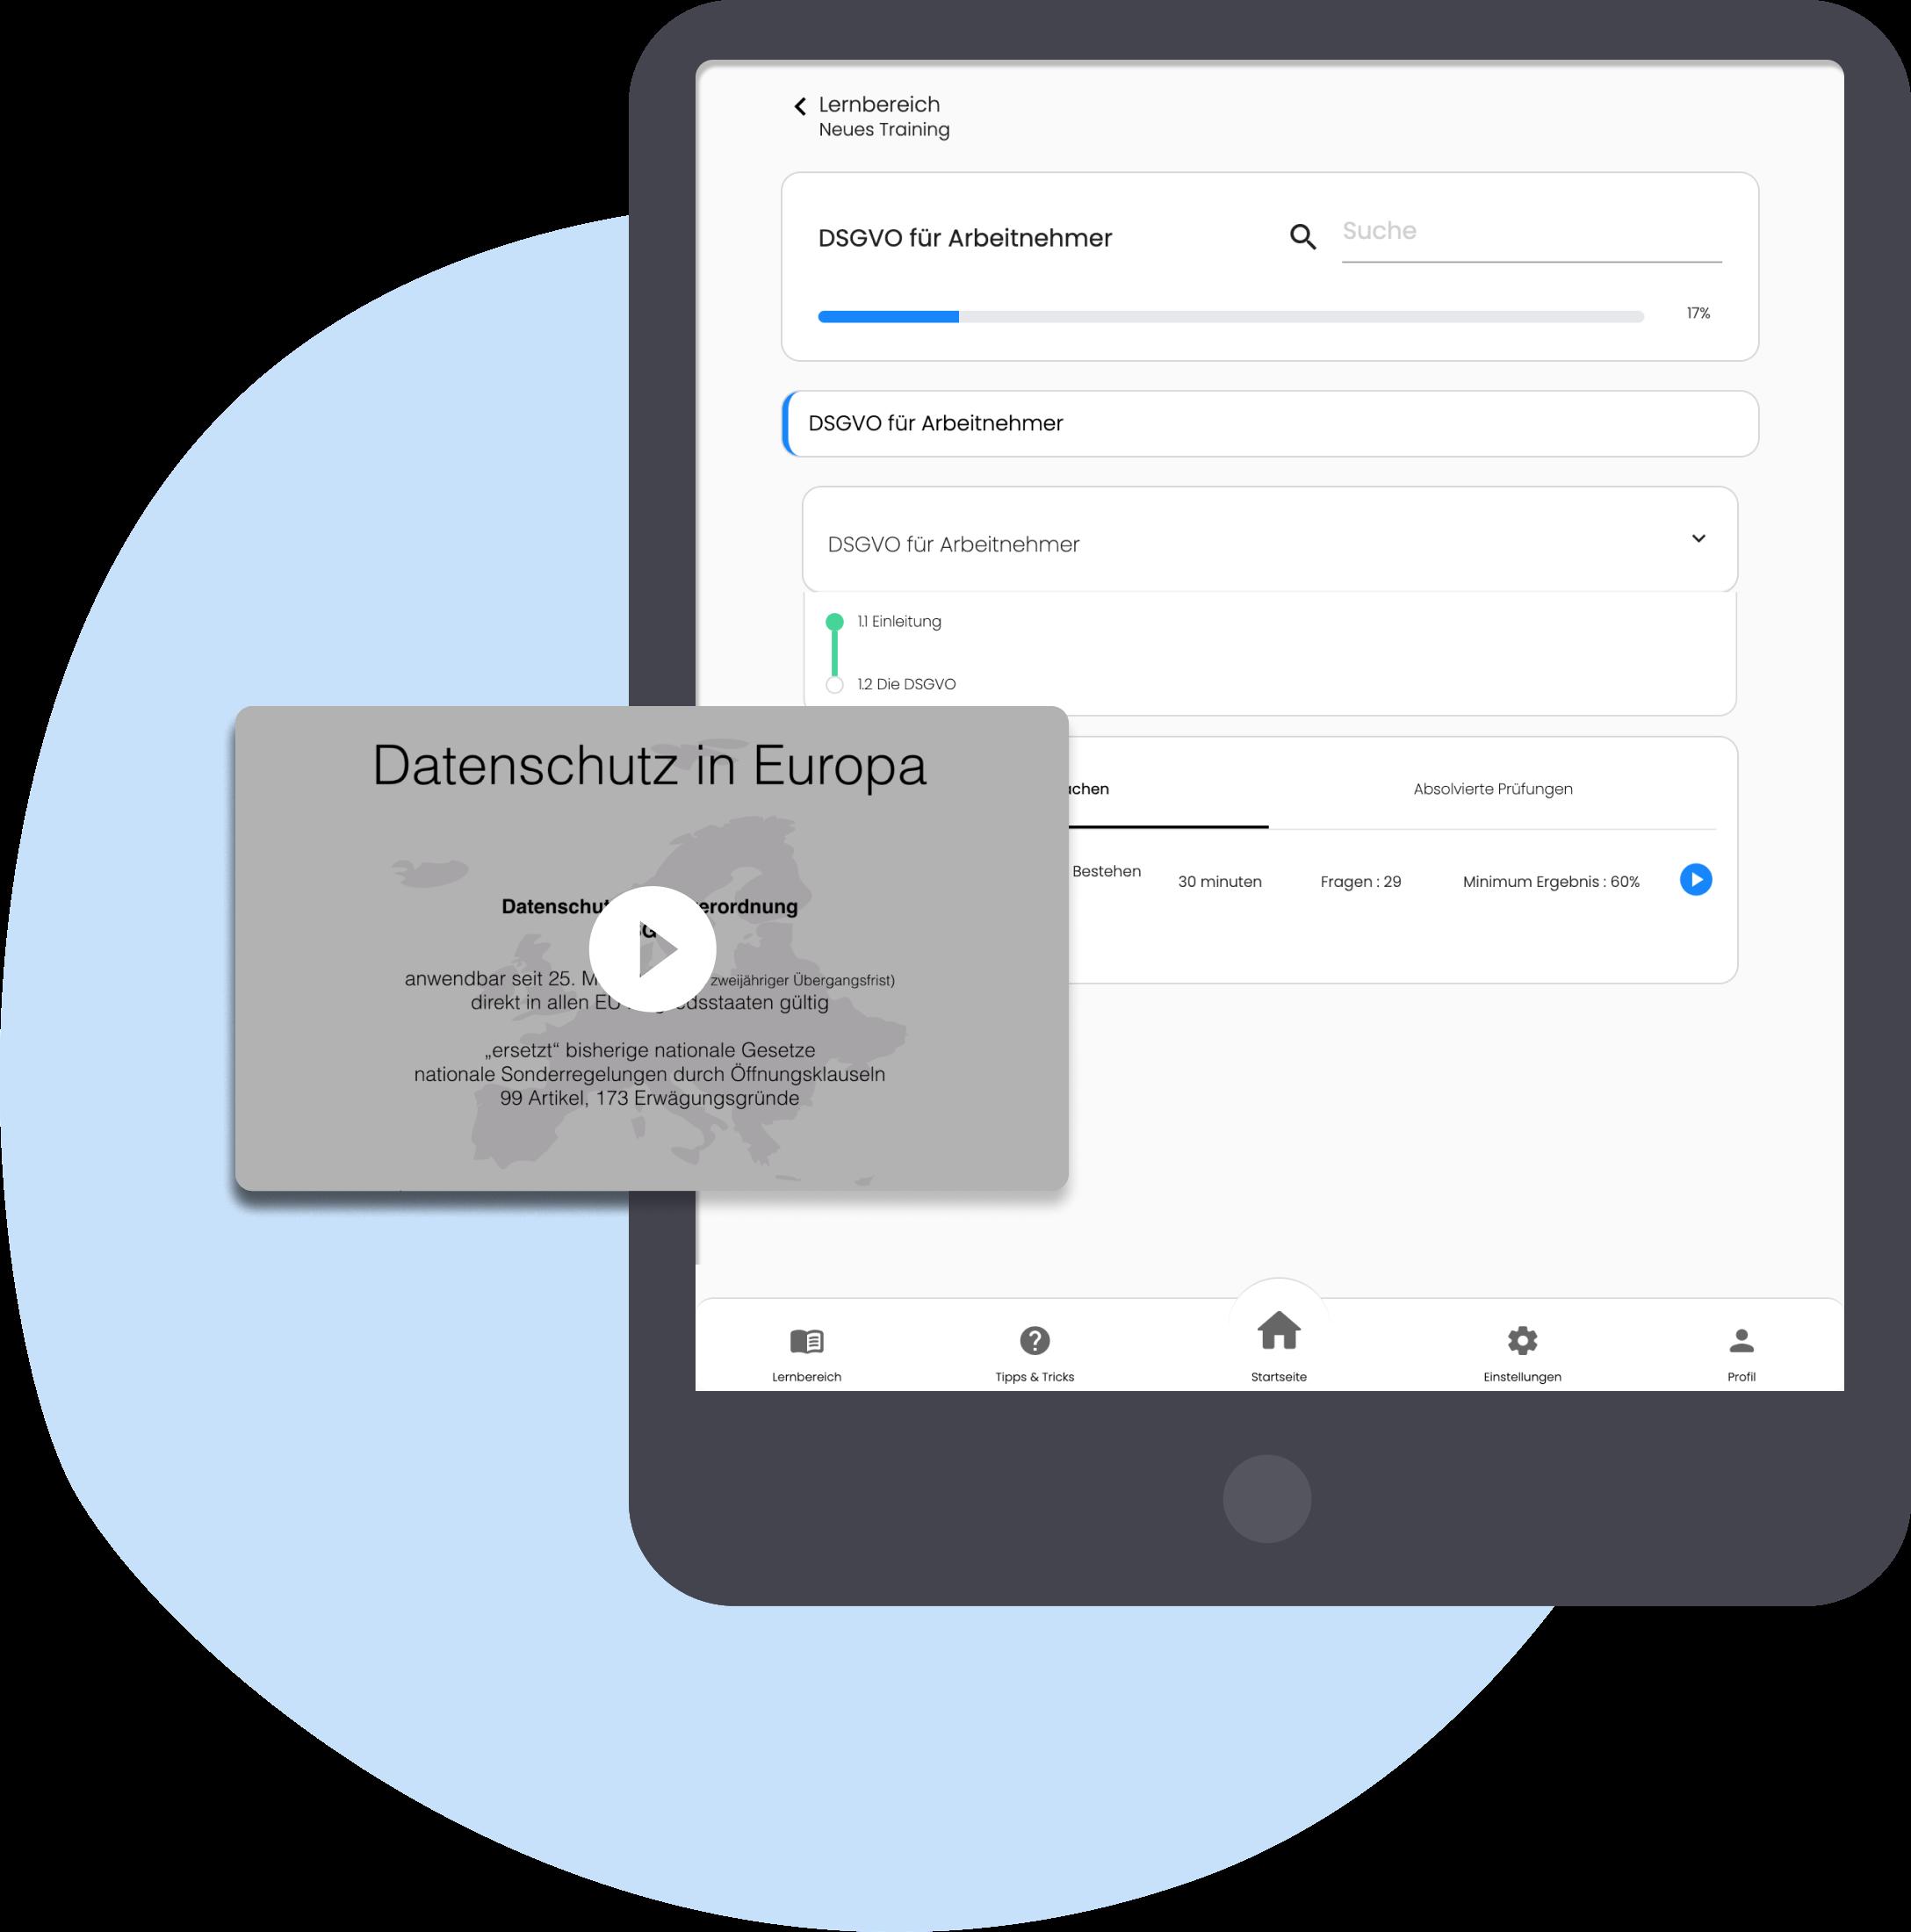 DSGVO für Arbeitnehmer für ein Datenschutz konformes Unternehmen